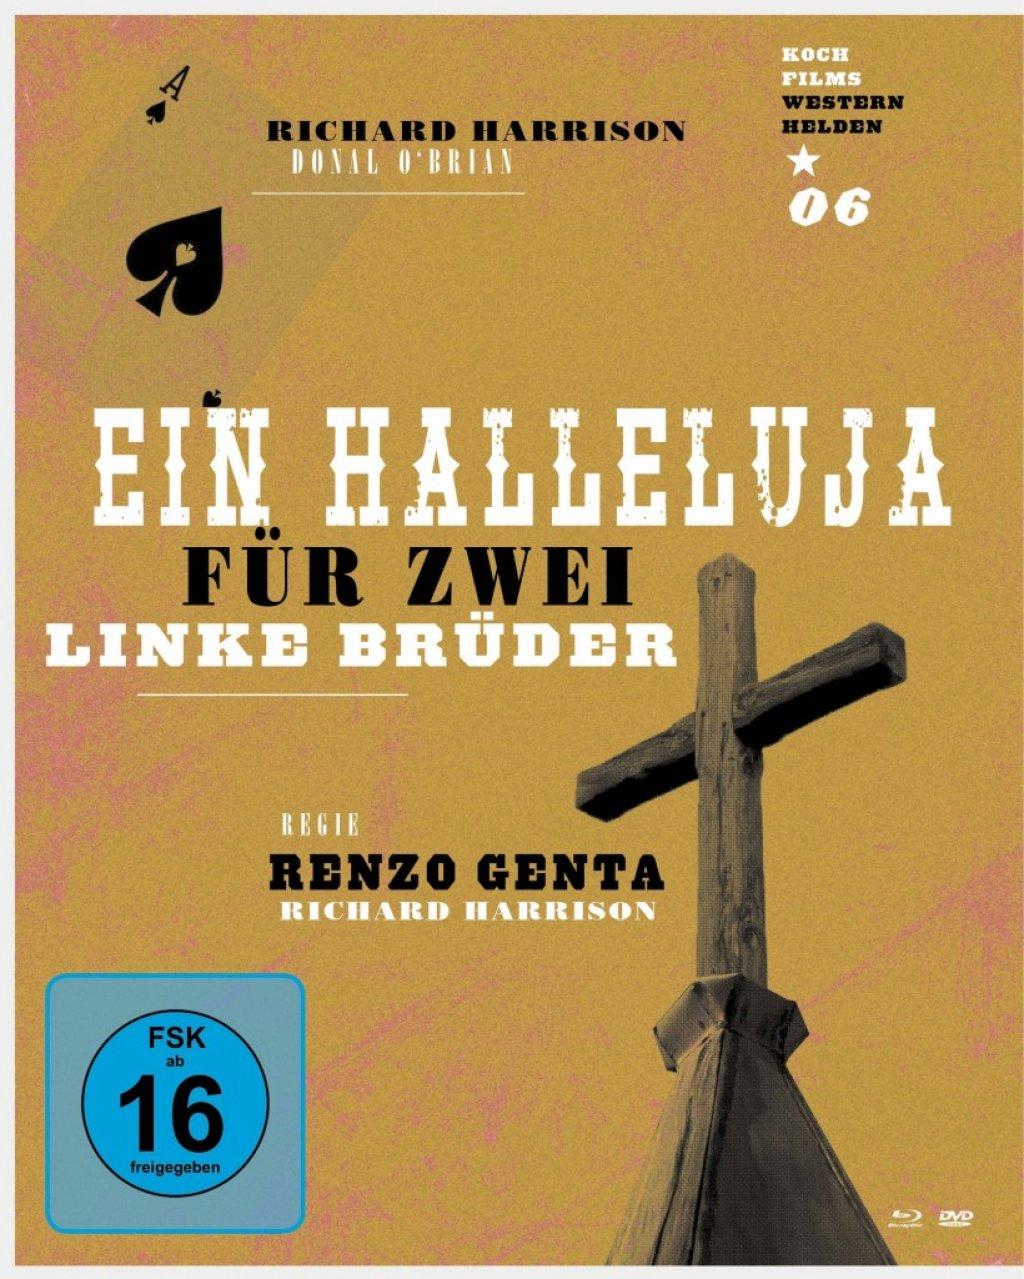 Ein Halleluja für zwei linke Brüder - Westernhelden #6 (Blu-ray)